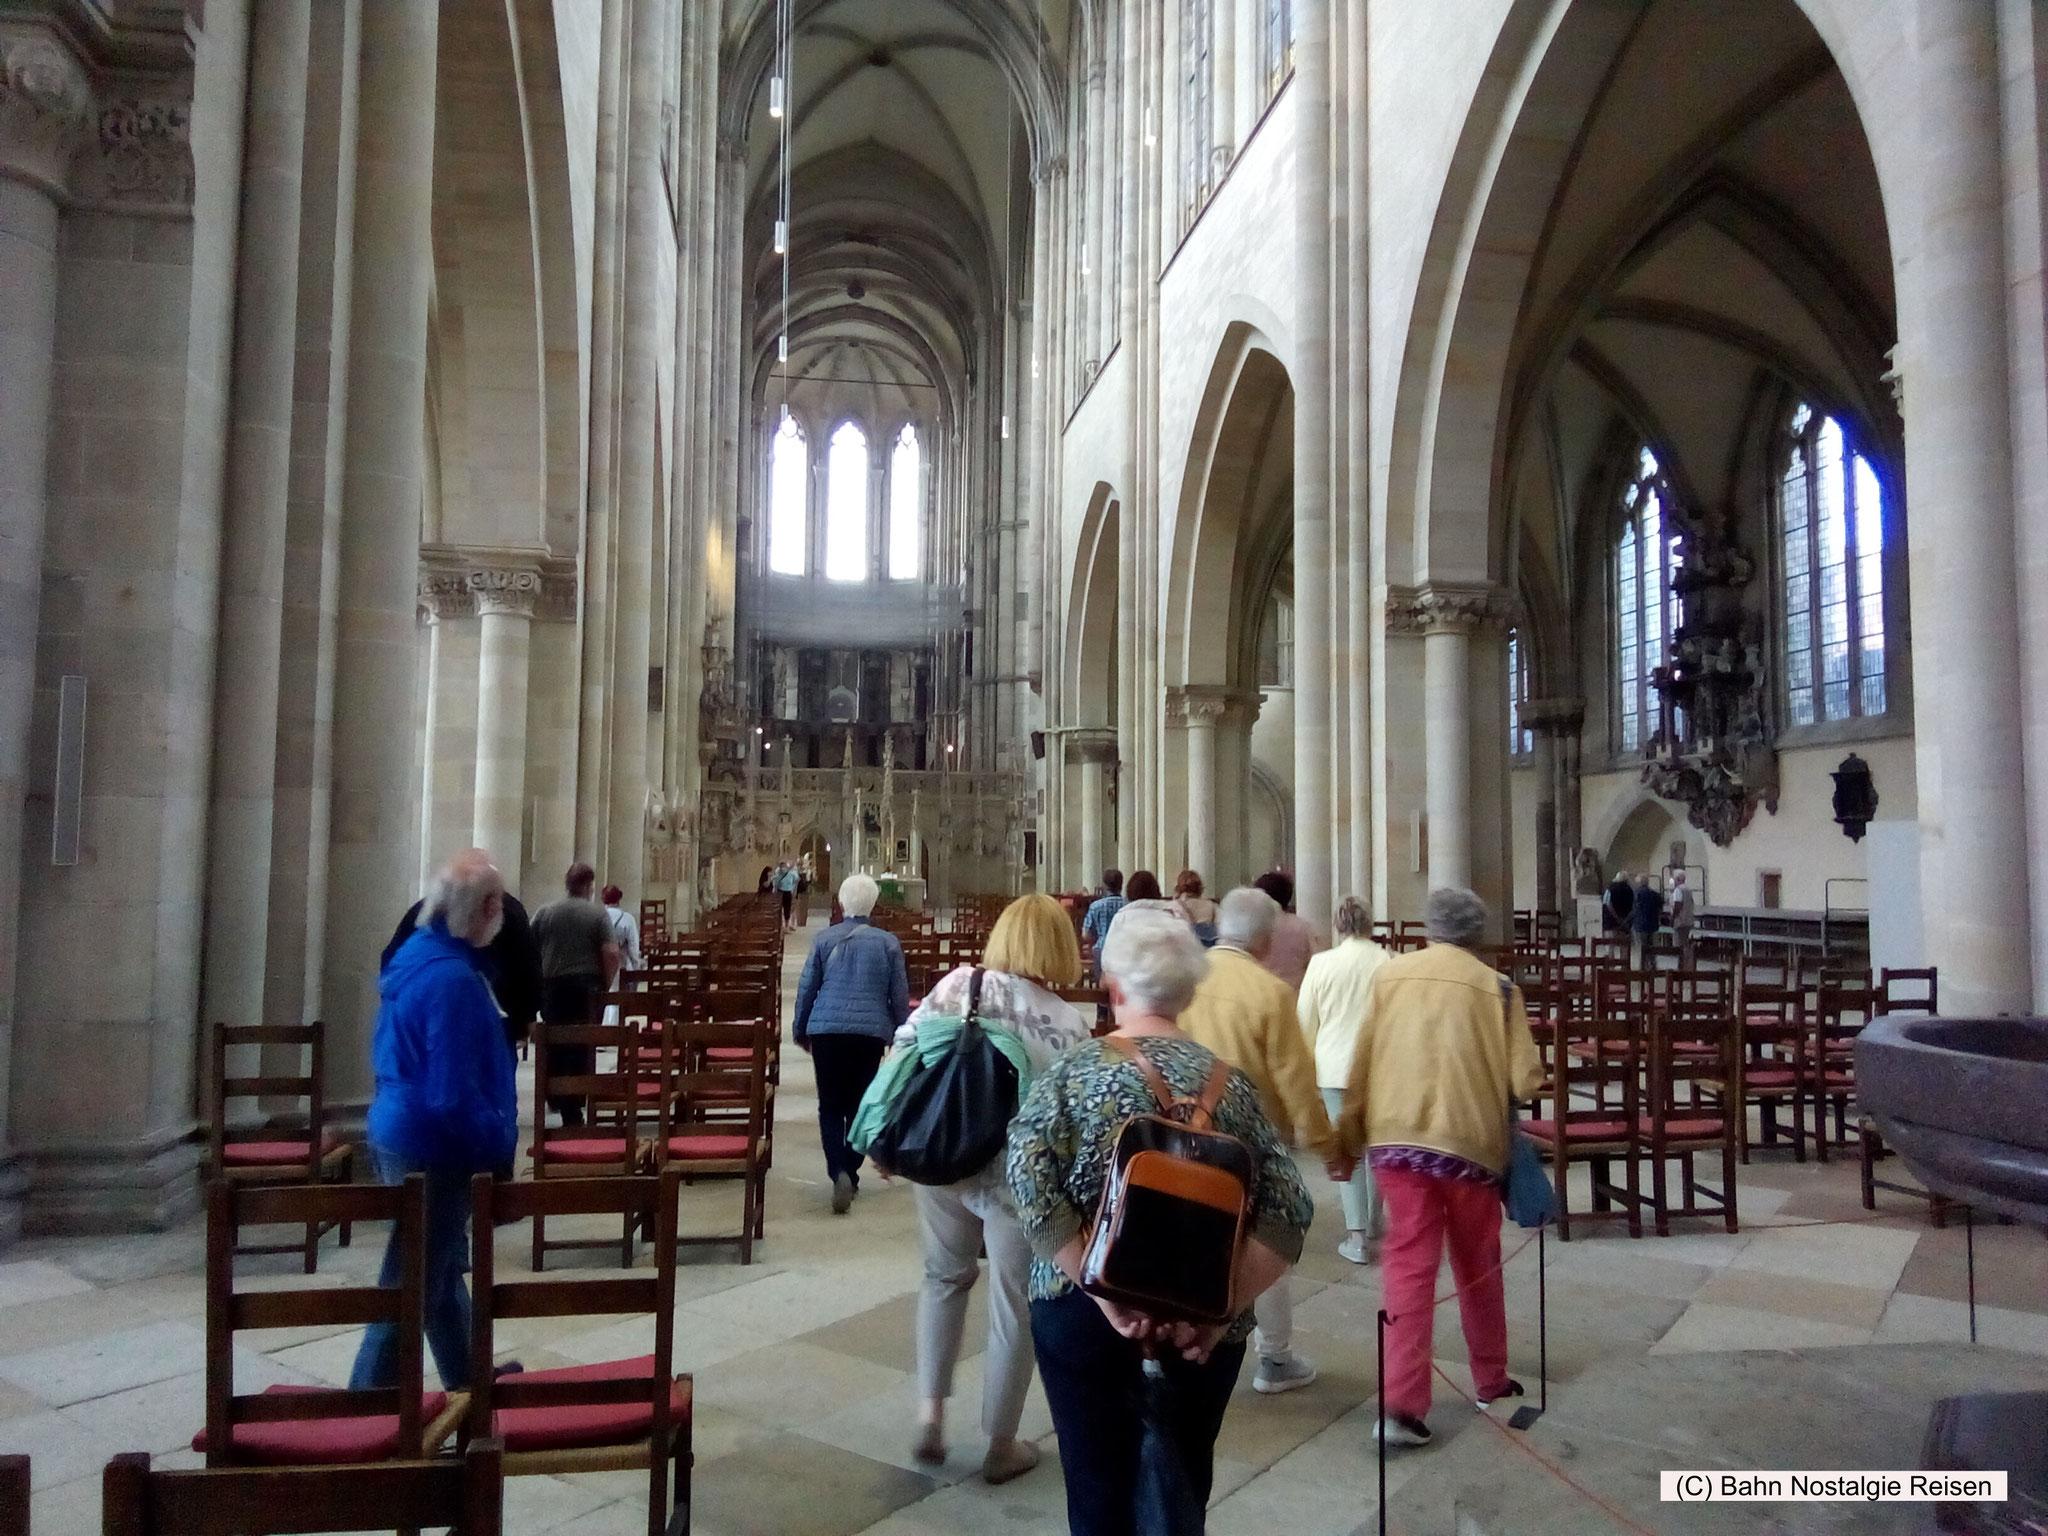 Unsere Reisegruppe bei der Dombesichtigung in Magdeburg